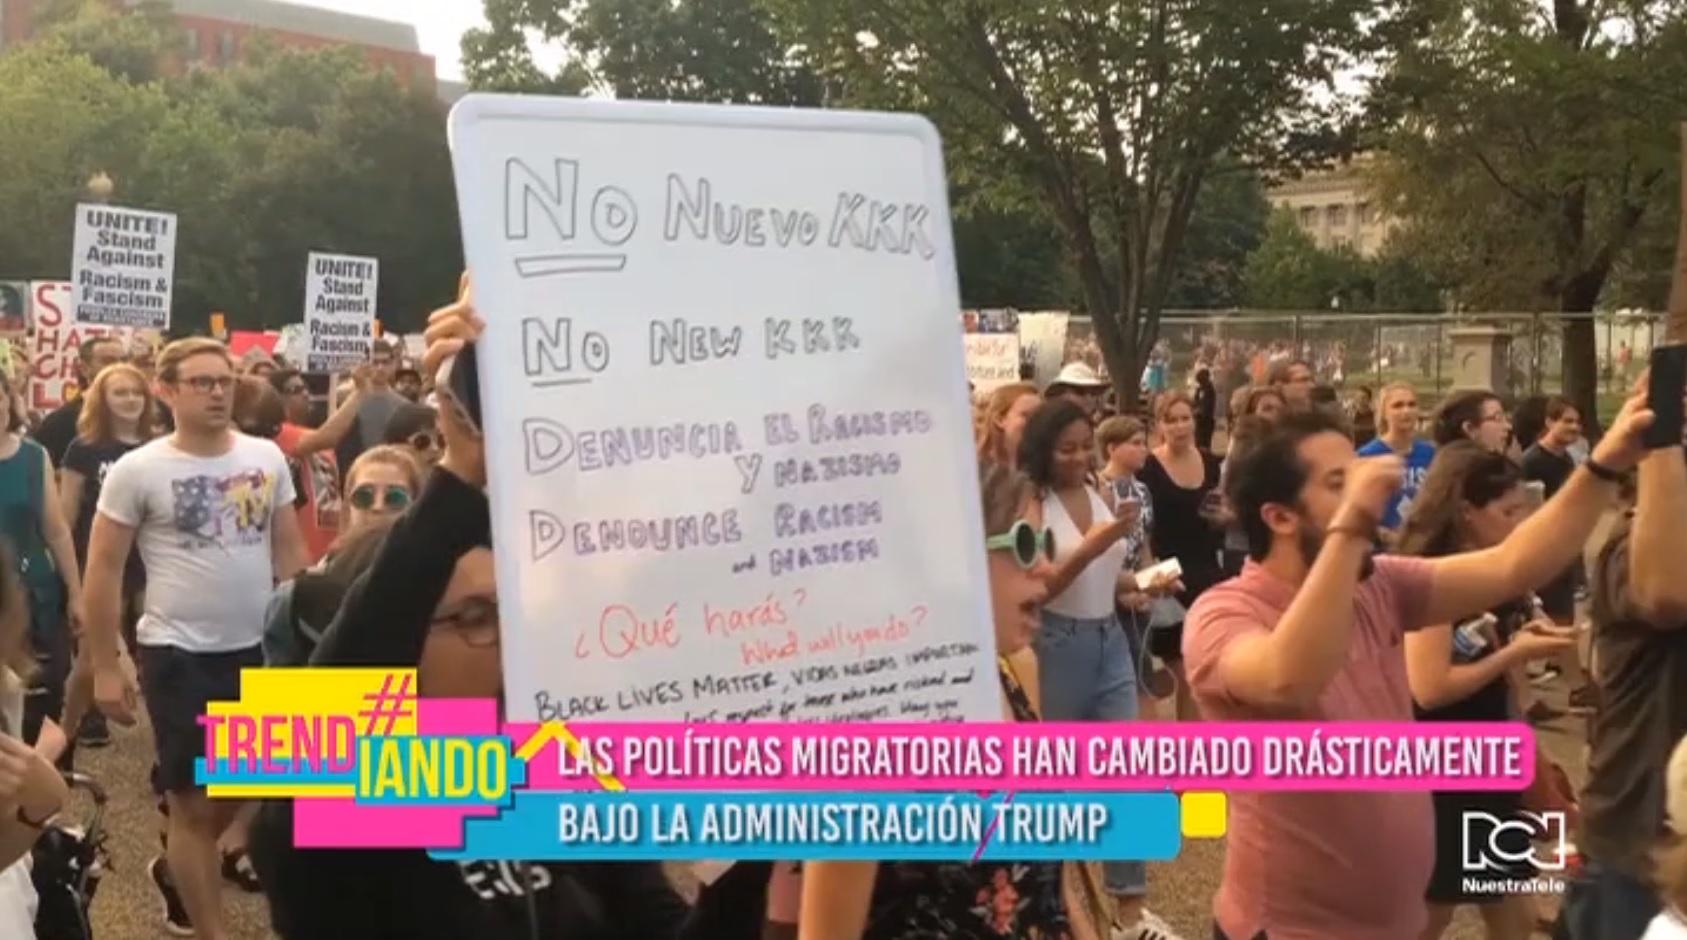 ¿Cómo afecta a los migrantes una posible reelección de Donald Trump?